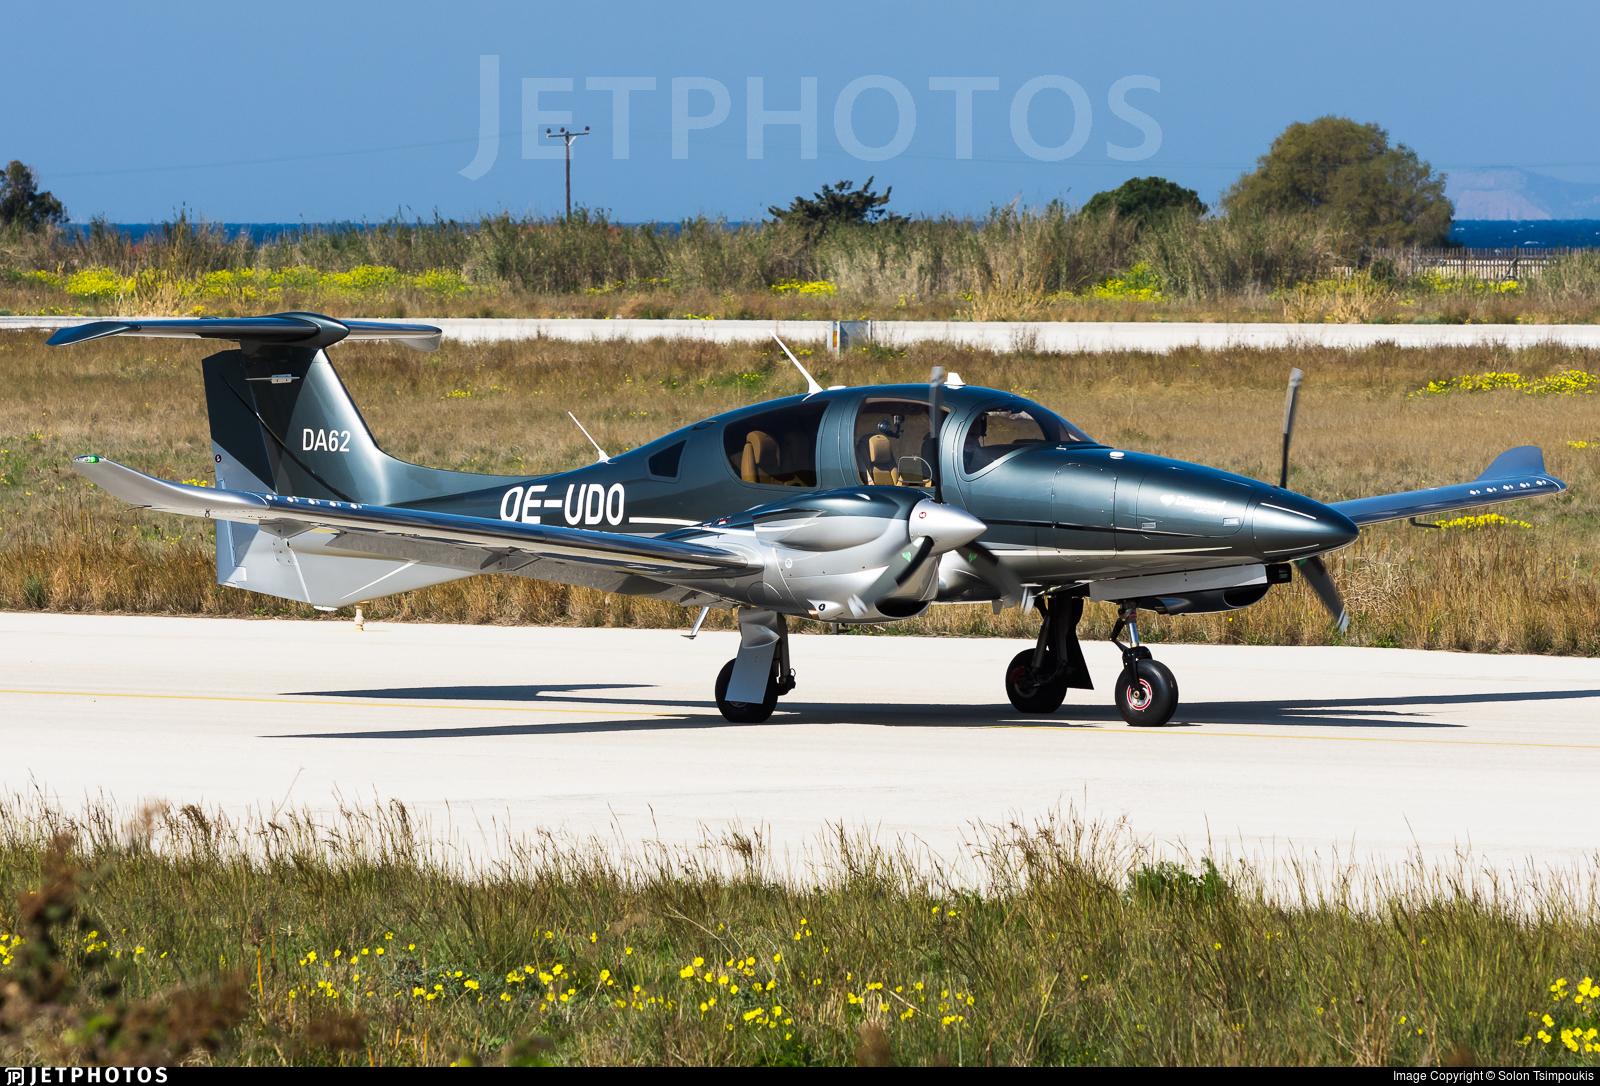 OE-UDO - Diamond Aircraft DA-62 - Untitled